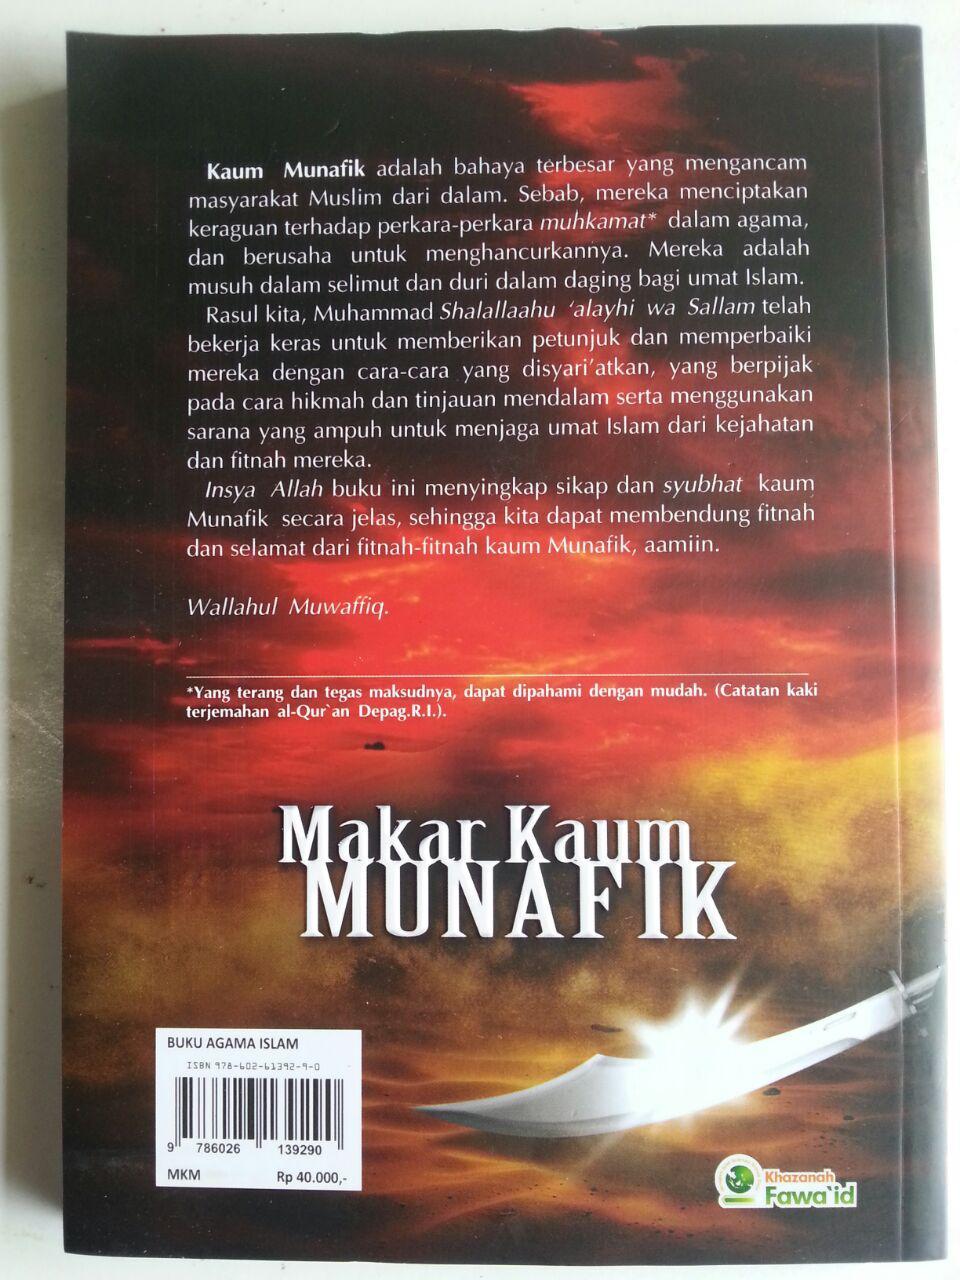 Buku Makar Kaum Munafik Kiat Rasul Bermuamalah Dengan Munafik cover